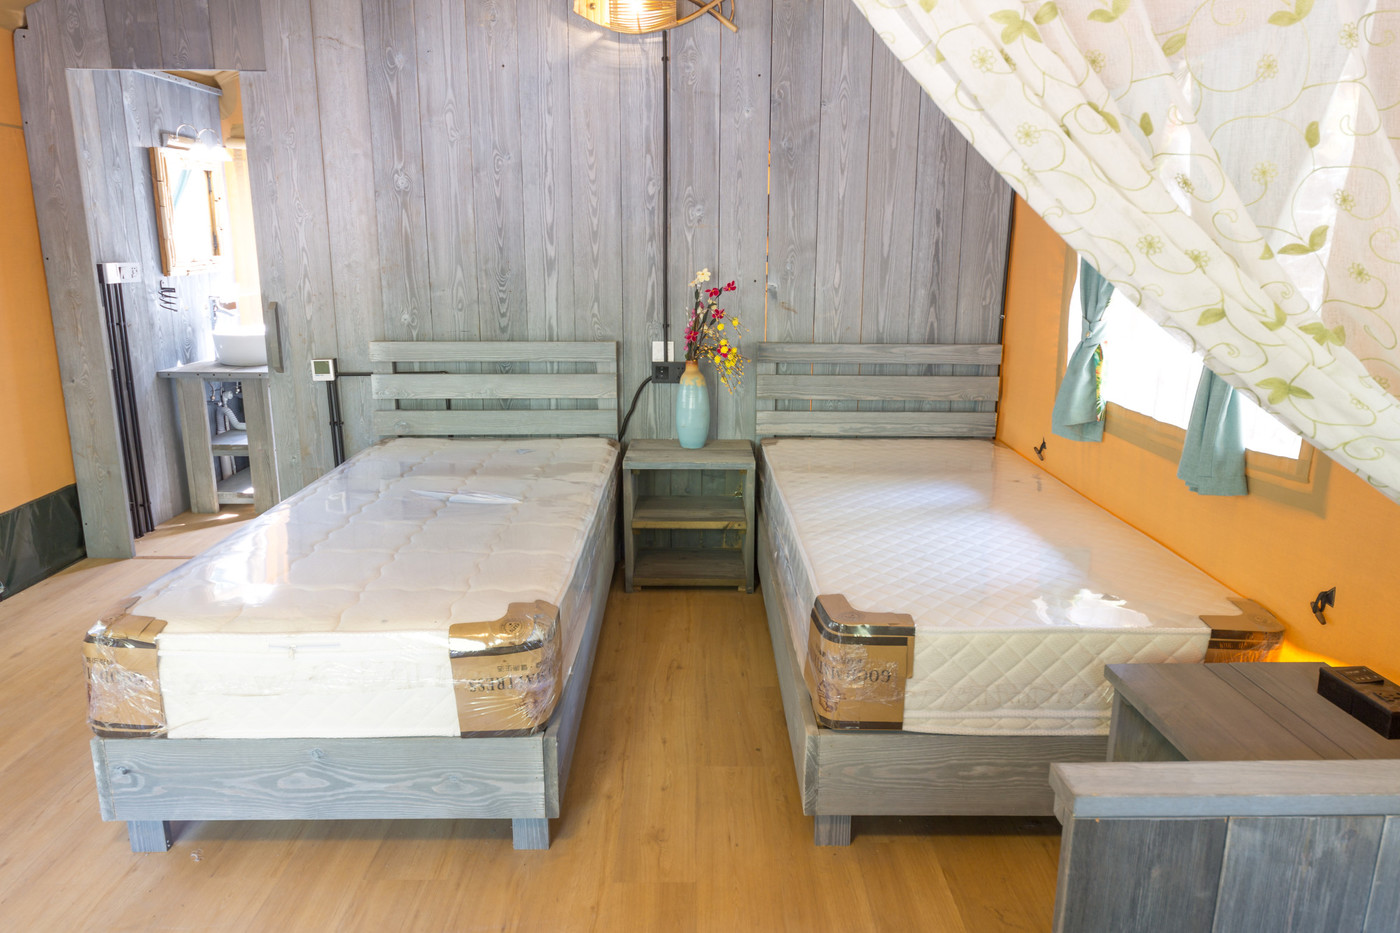 喜马拉雅野奢帐篷酒店一北京石头 剪刀 布一私享院子 54平山谷型  35